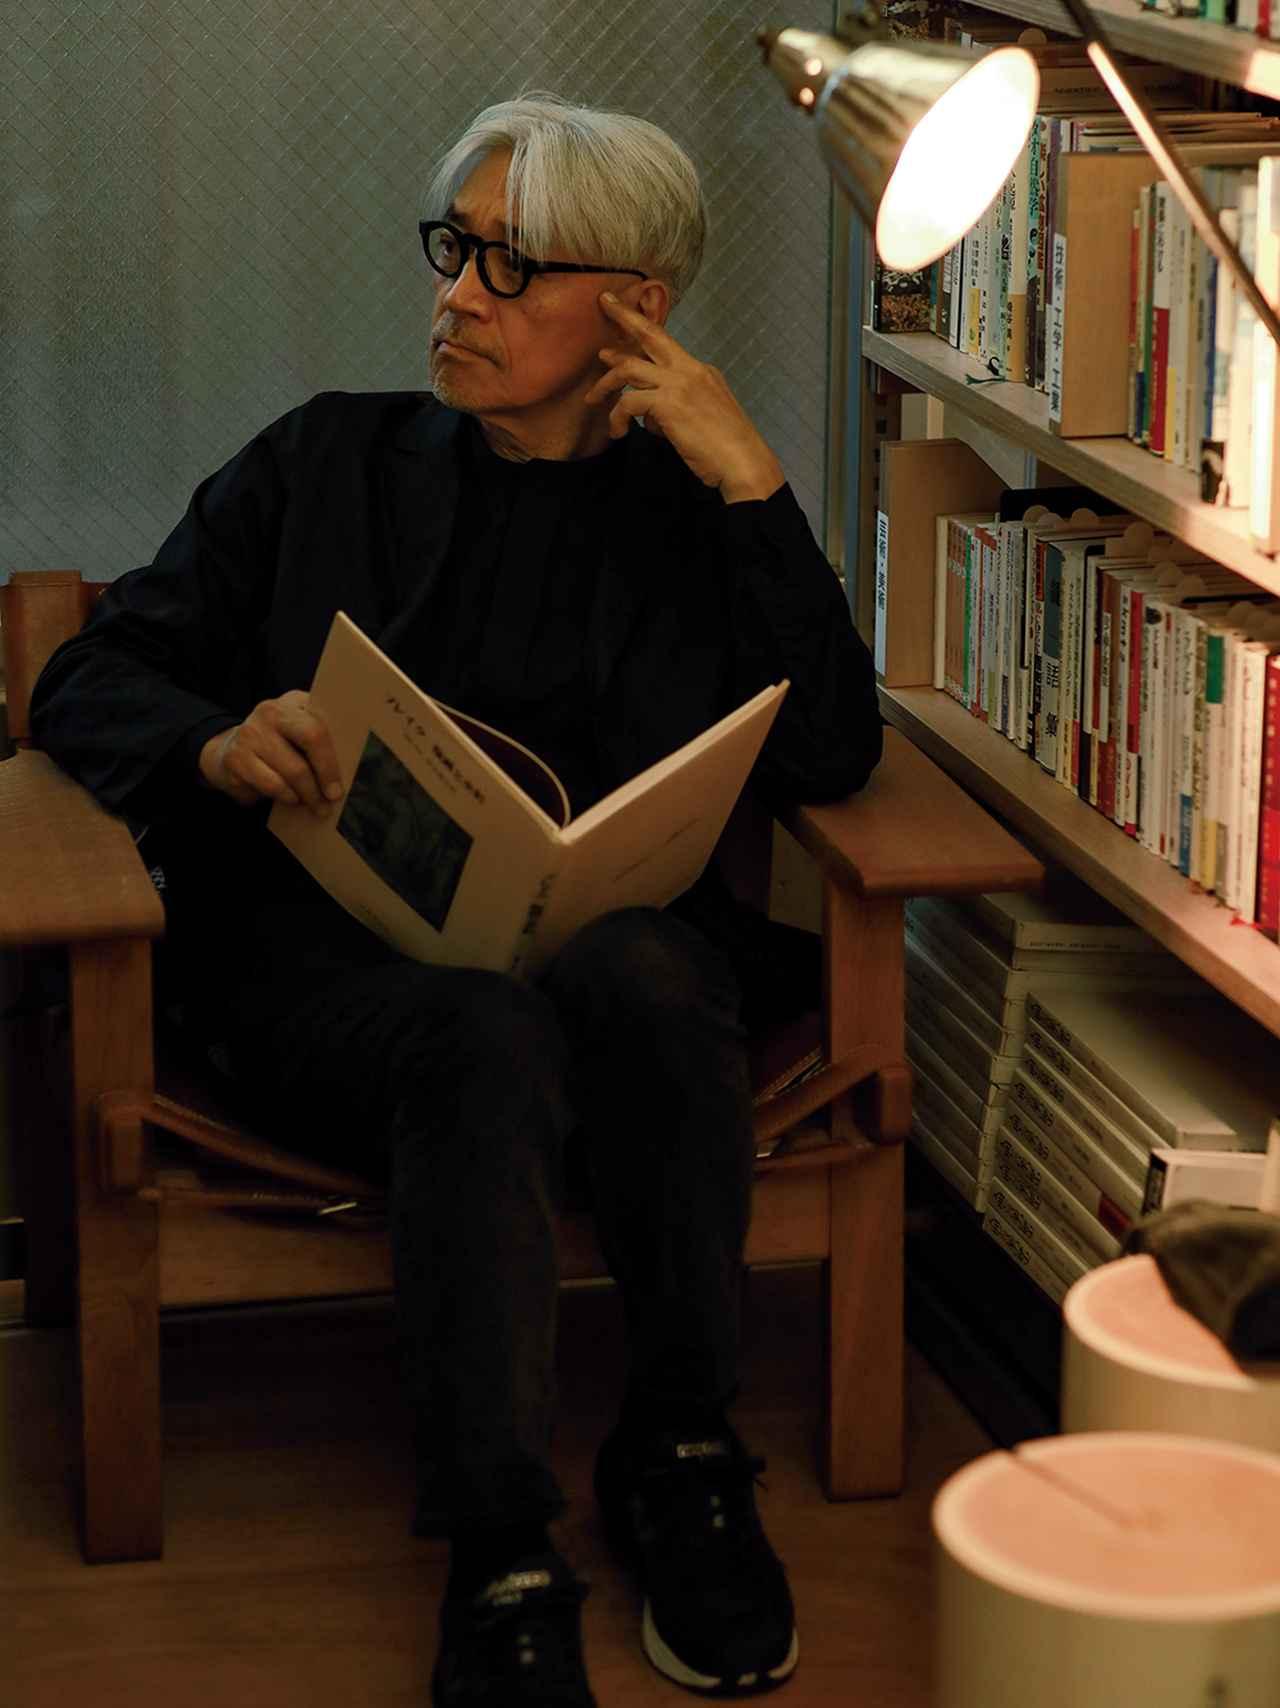 Images : 2番目の画像 - 「坂本龍一、本の可能性を語る。 「本はパフォーマンスかもしれない」」のアルバム - T JAPAN:The New York Times Style Magazine 公式サイト